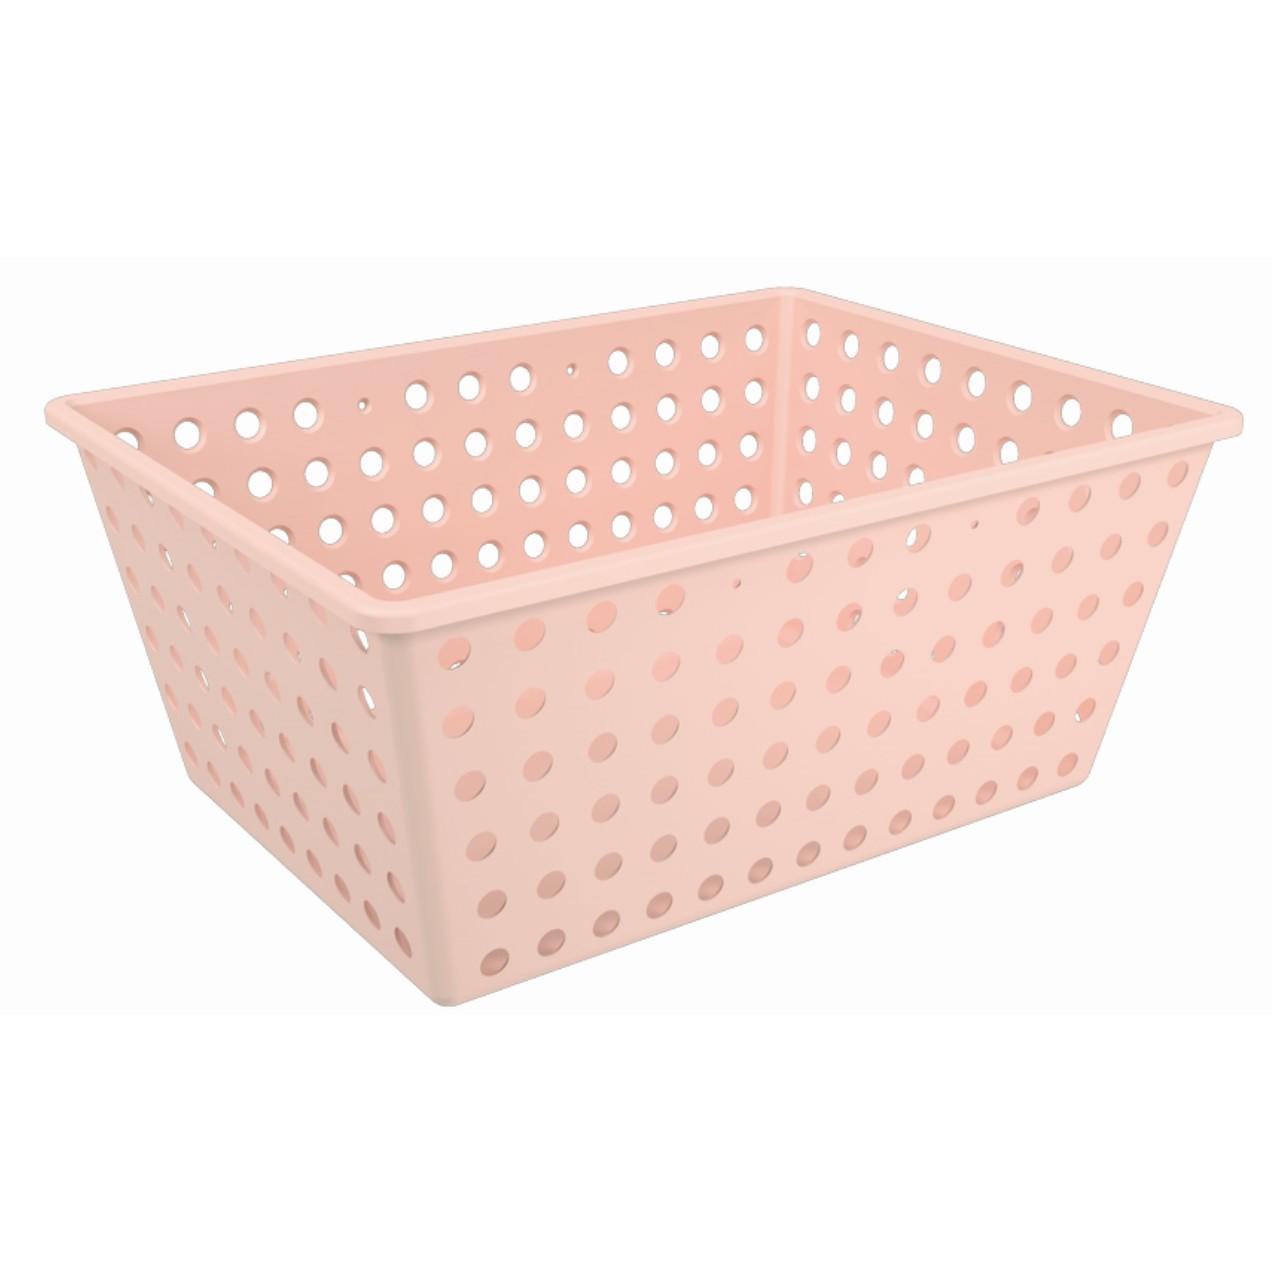 Cesta Organizadora de Plastico 29x38cm Retangular Rosa Blush - Coza